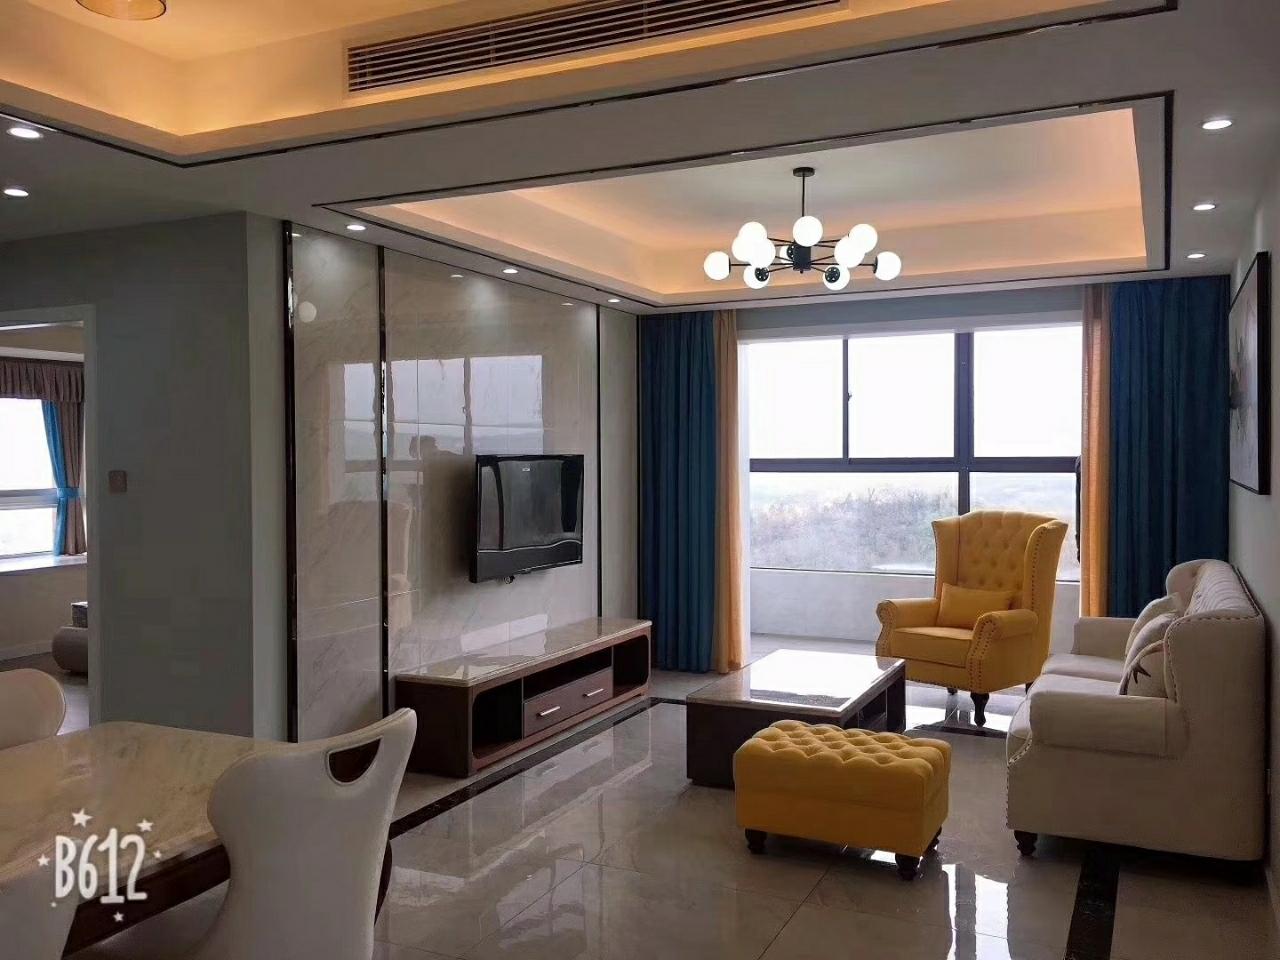 富华二期【506】3室 2厅 2卫99.8万元